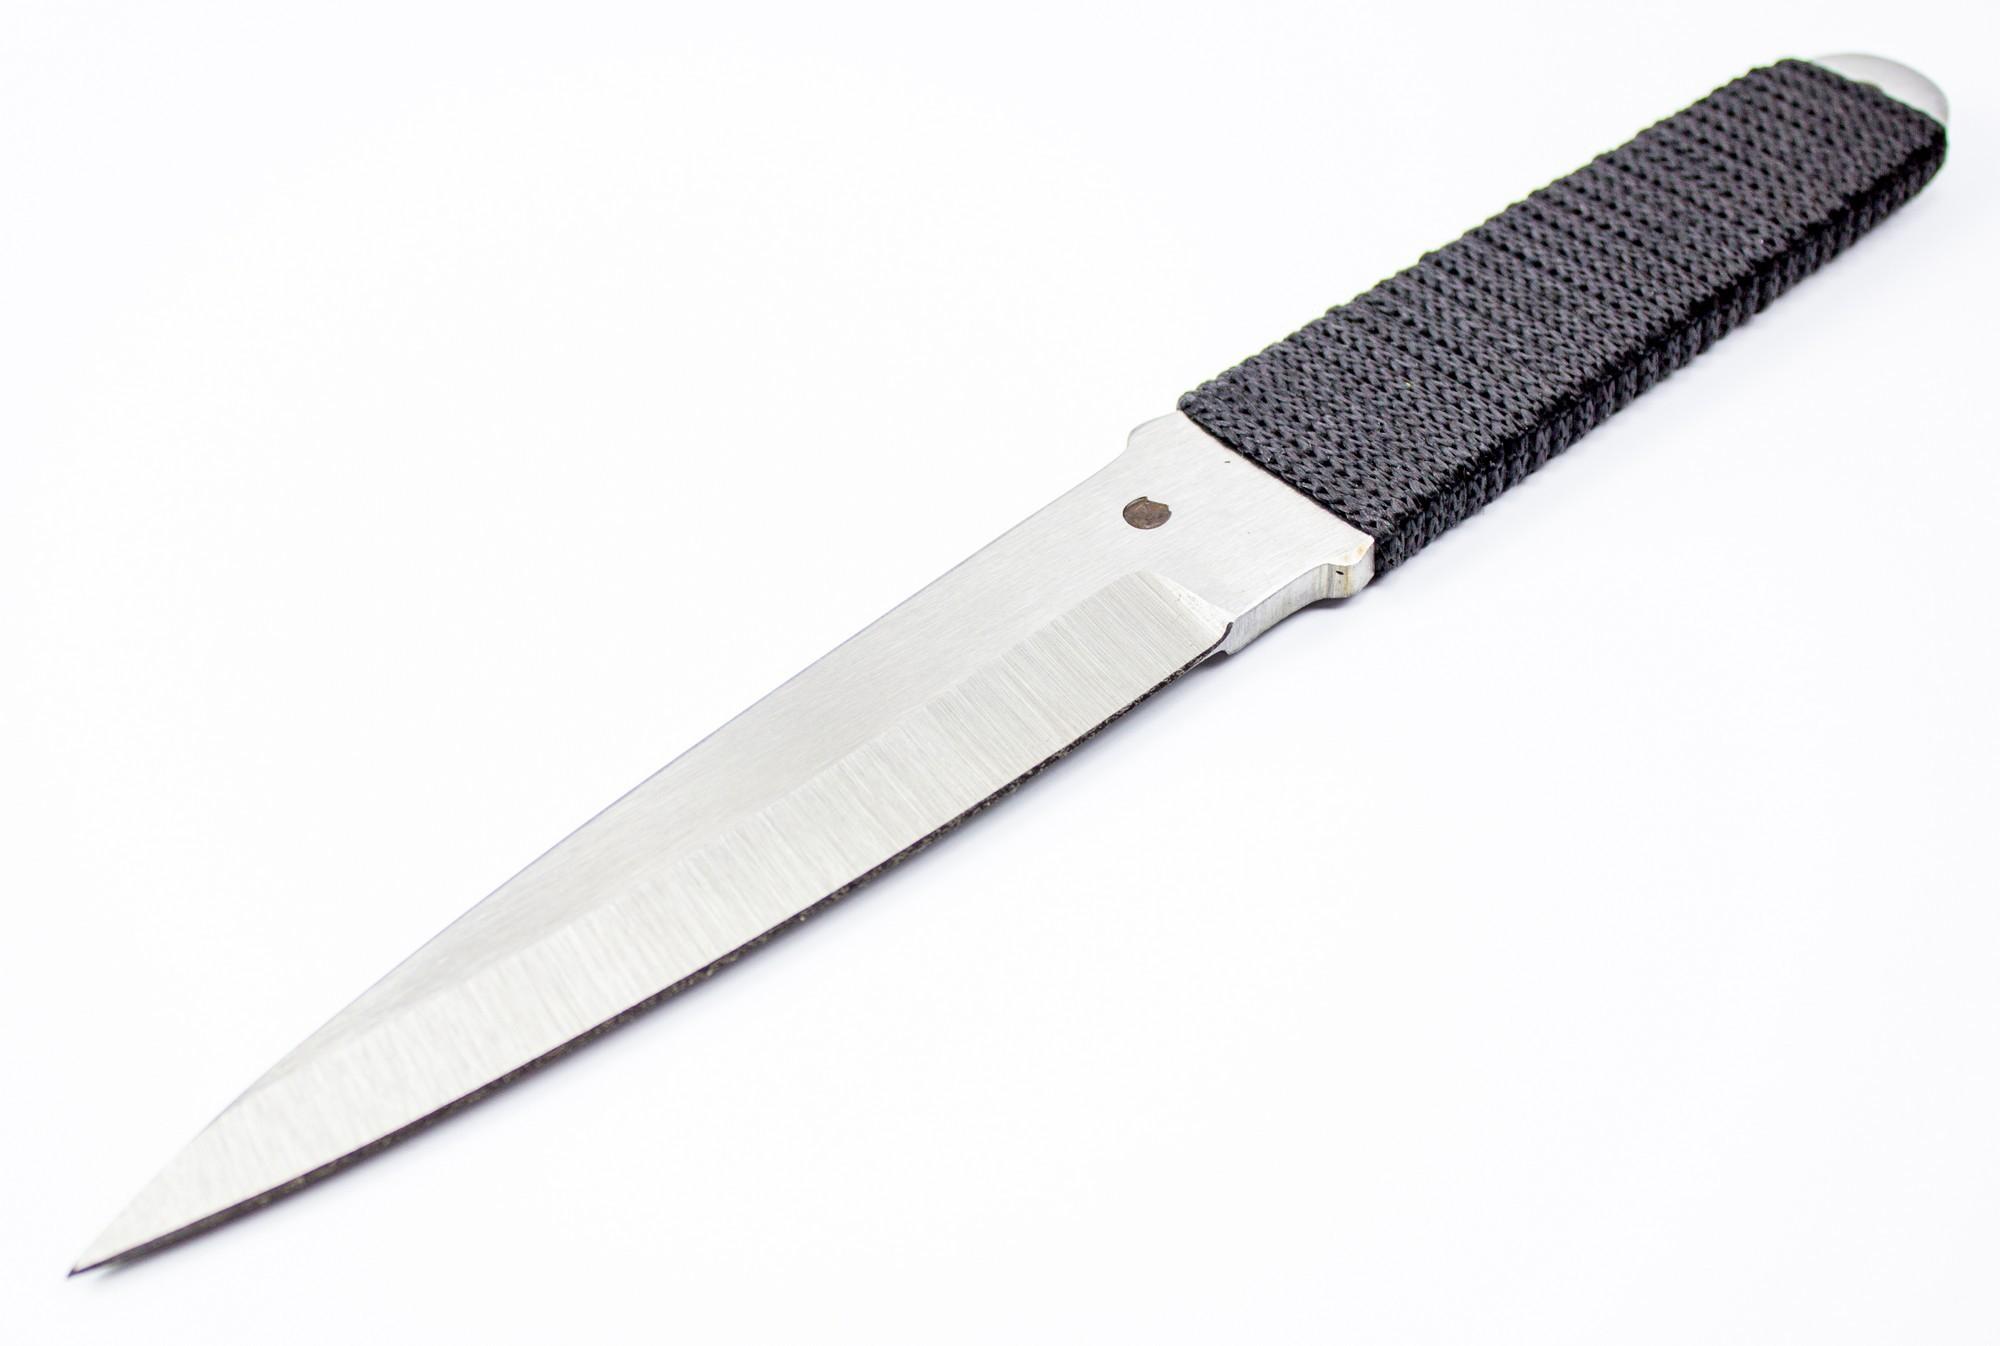 Фото 2 - Нож метательный